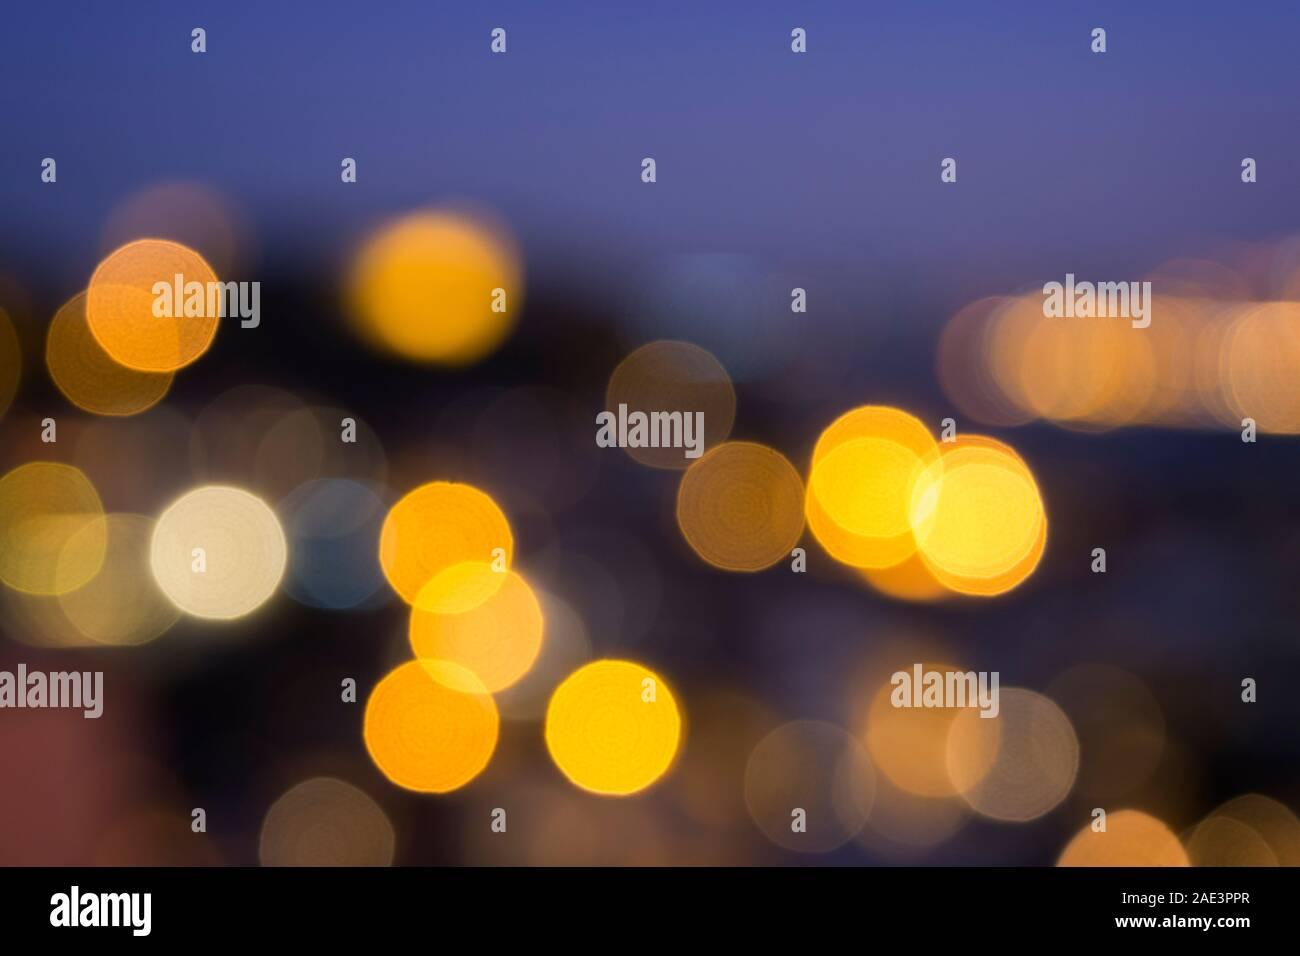 Bokeh flou city lights, résumé de scène de nuit. La haute résolution full frame background. Banque D'Images